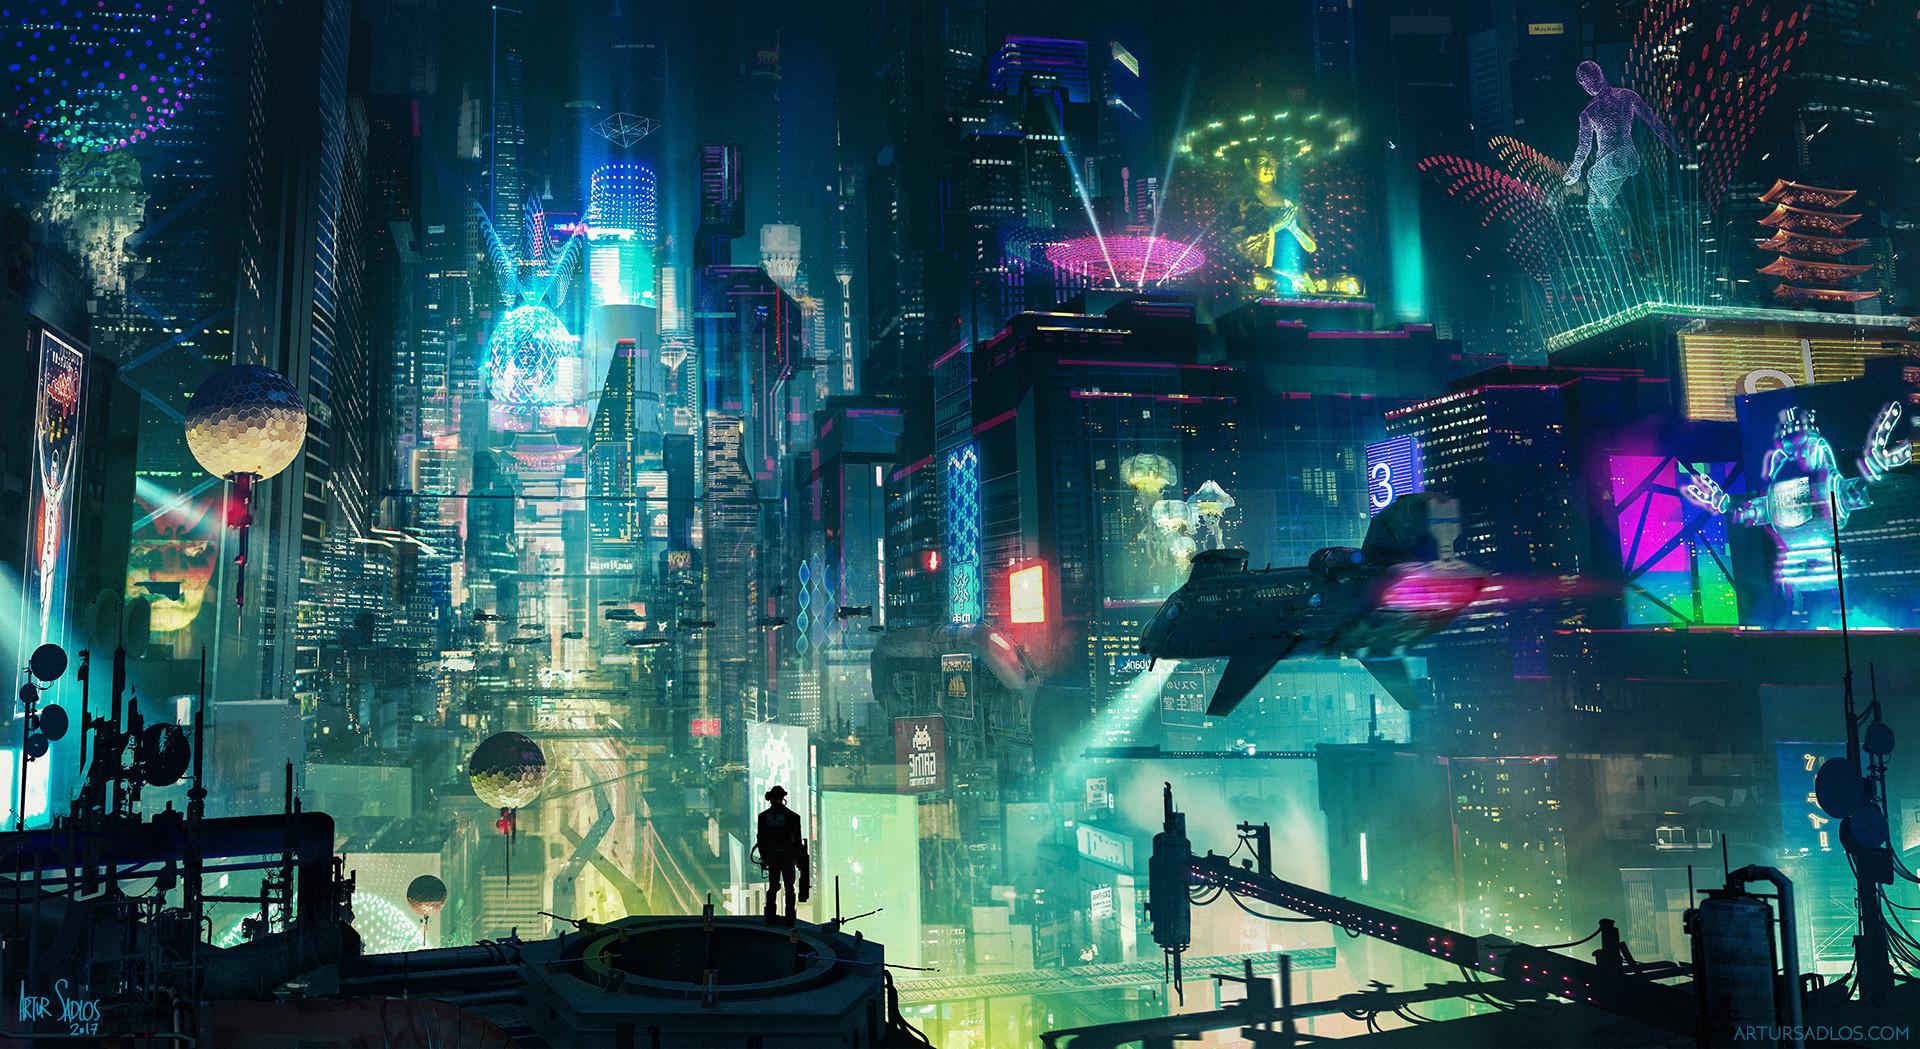 Cyberpunk City, HD Artist, 4k Wallpapers, Images ...